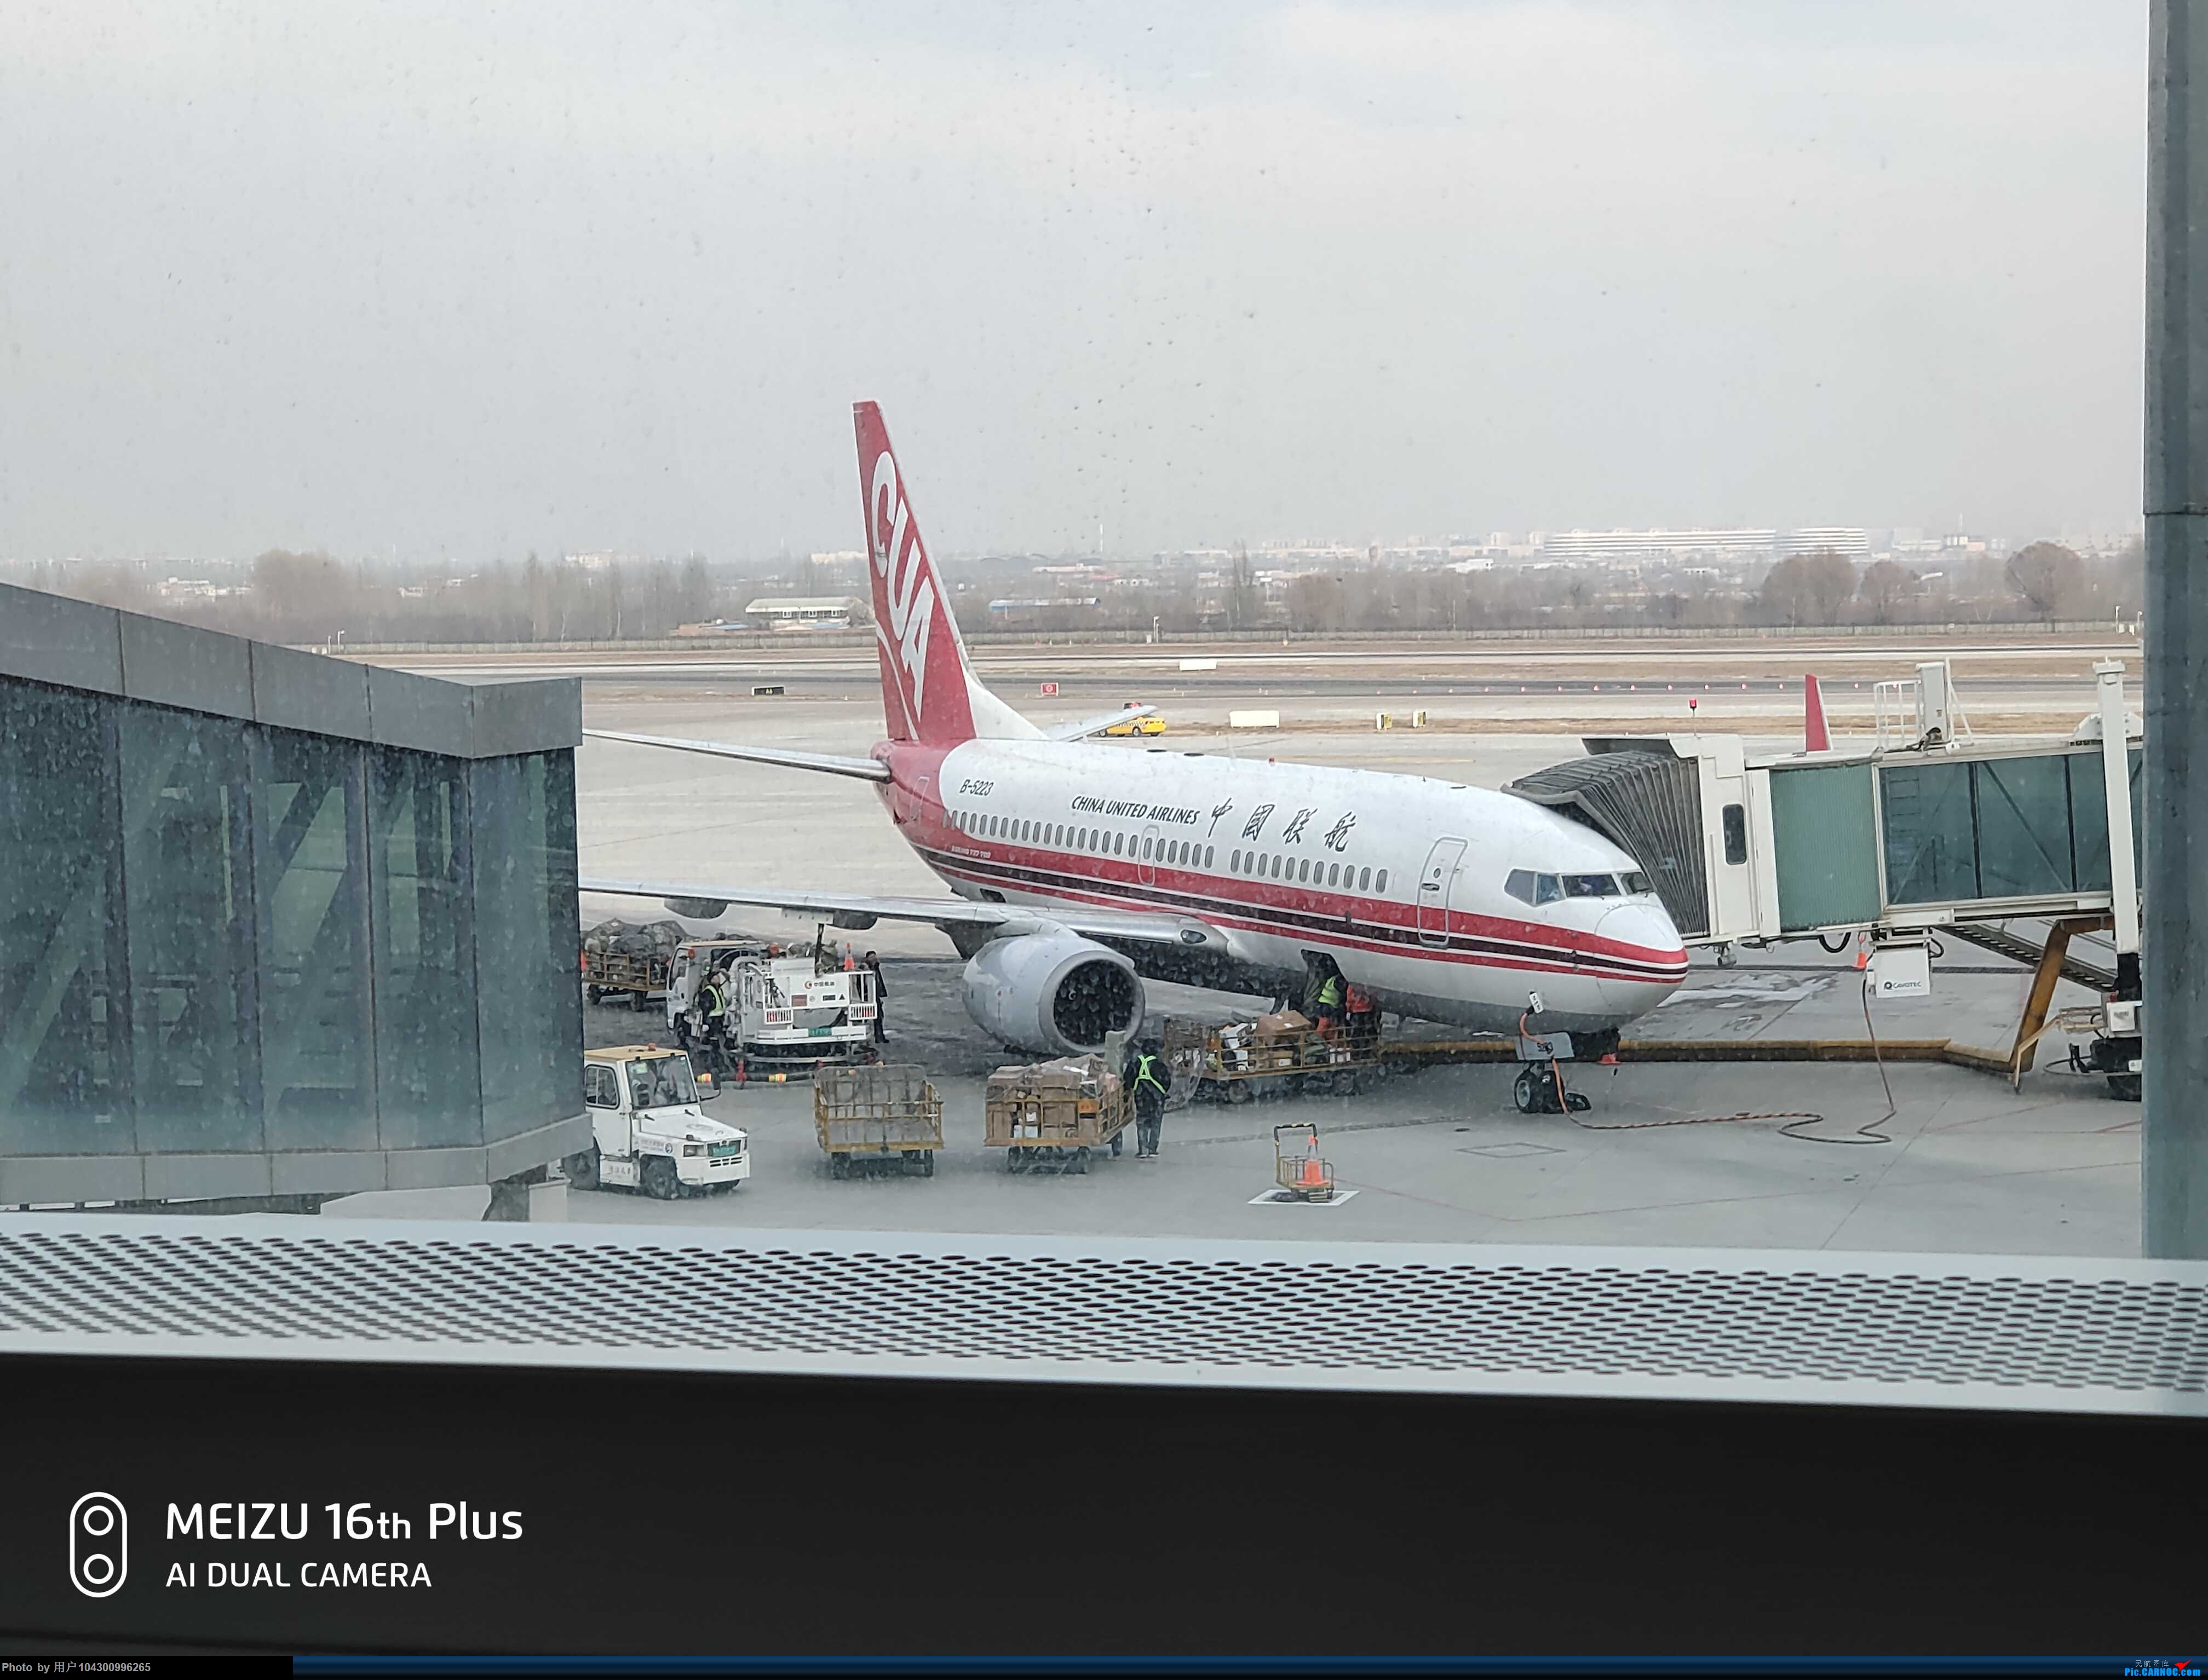 Re:[原创]DM游记之AQ&TV贵阳-兰州往返 BOEING 737-700 B-5223 中国兰州中川国际机场